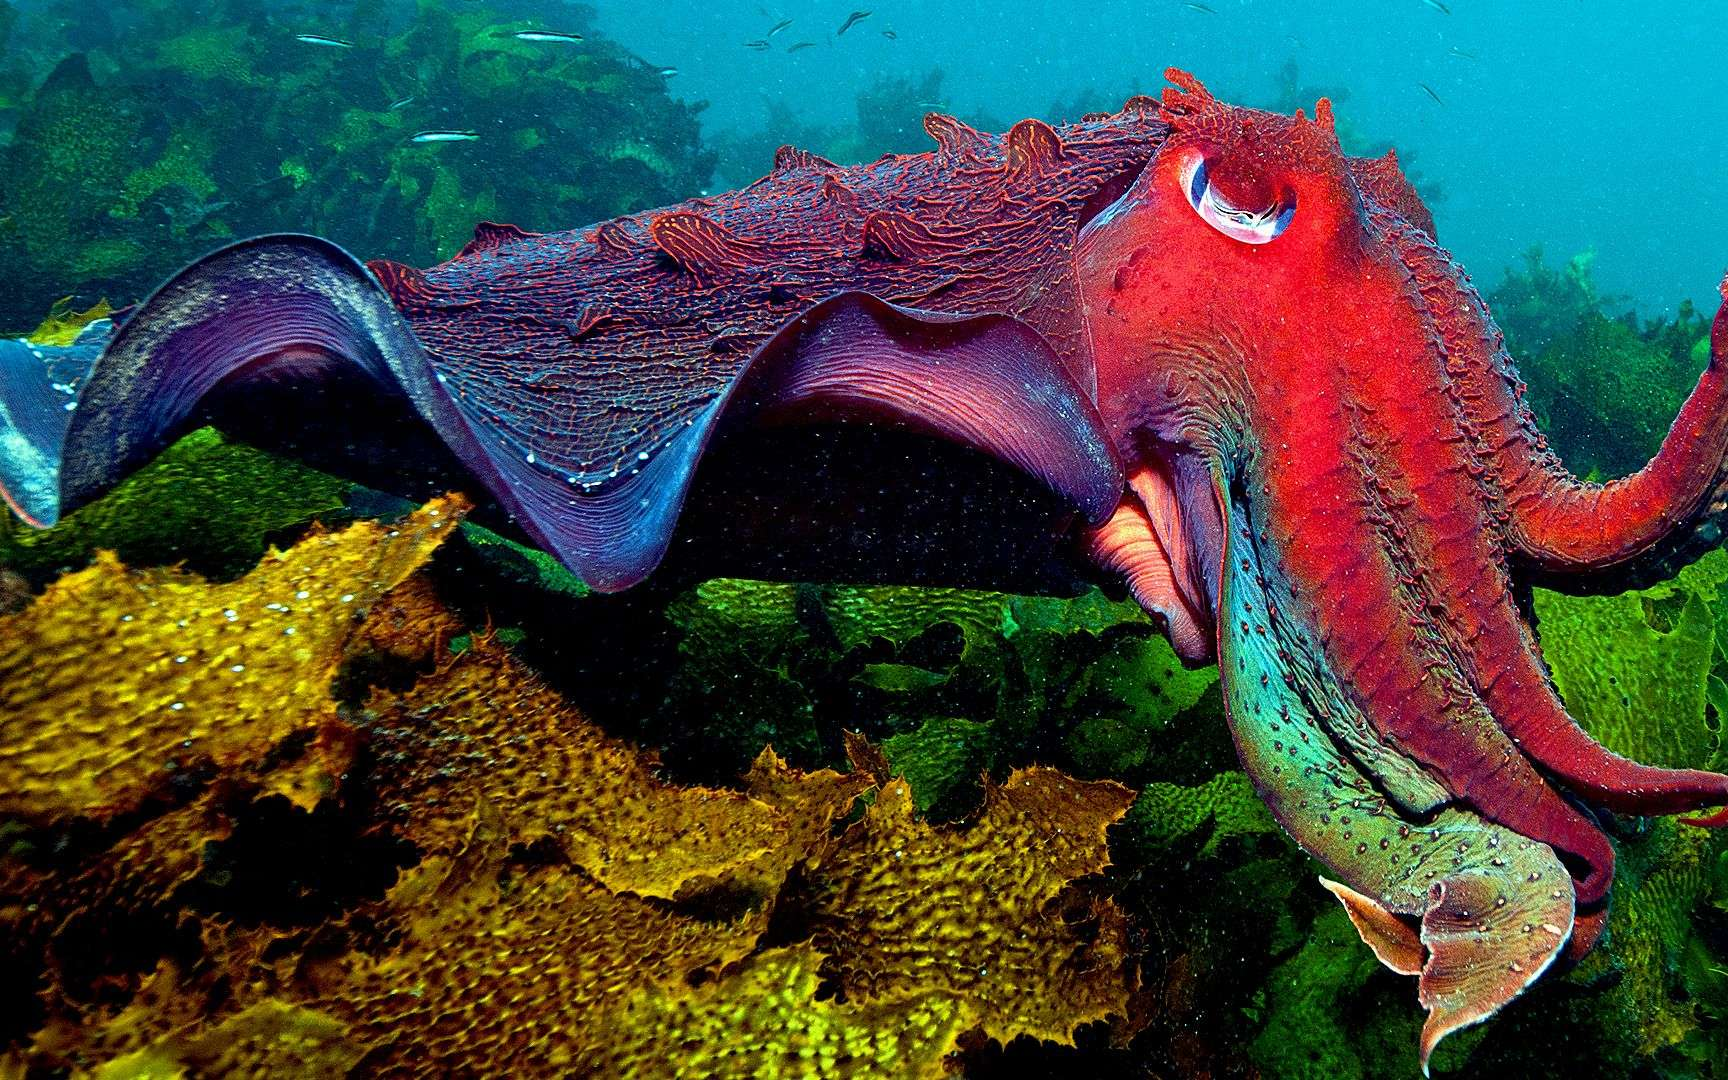 L'impressionnante seiche géante australienne. La seiche géante australienne (Sepia apama) est l'une des plus grandes espèces de seiches au monde. Comme son nom l'indique, on la retrouve sur les côtes australiennes allant du sud du Queensland à l'Australie-Méridionale. Localisation : Sydney (Australie). © Catlin Seaview Survey, Underwater Earth, Jayne Jenkins